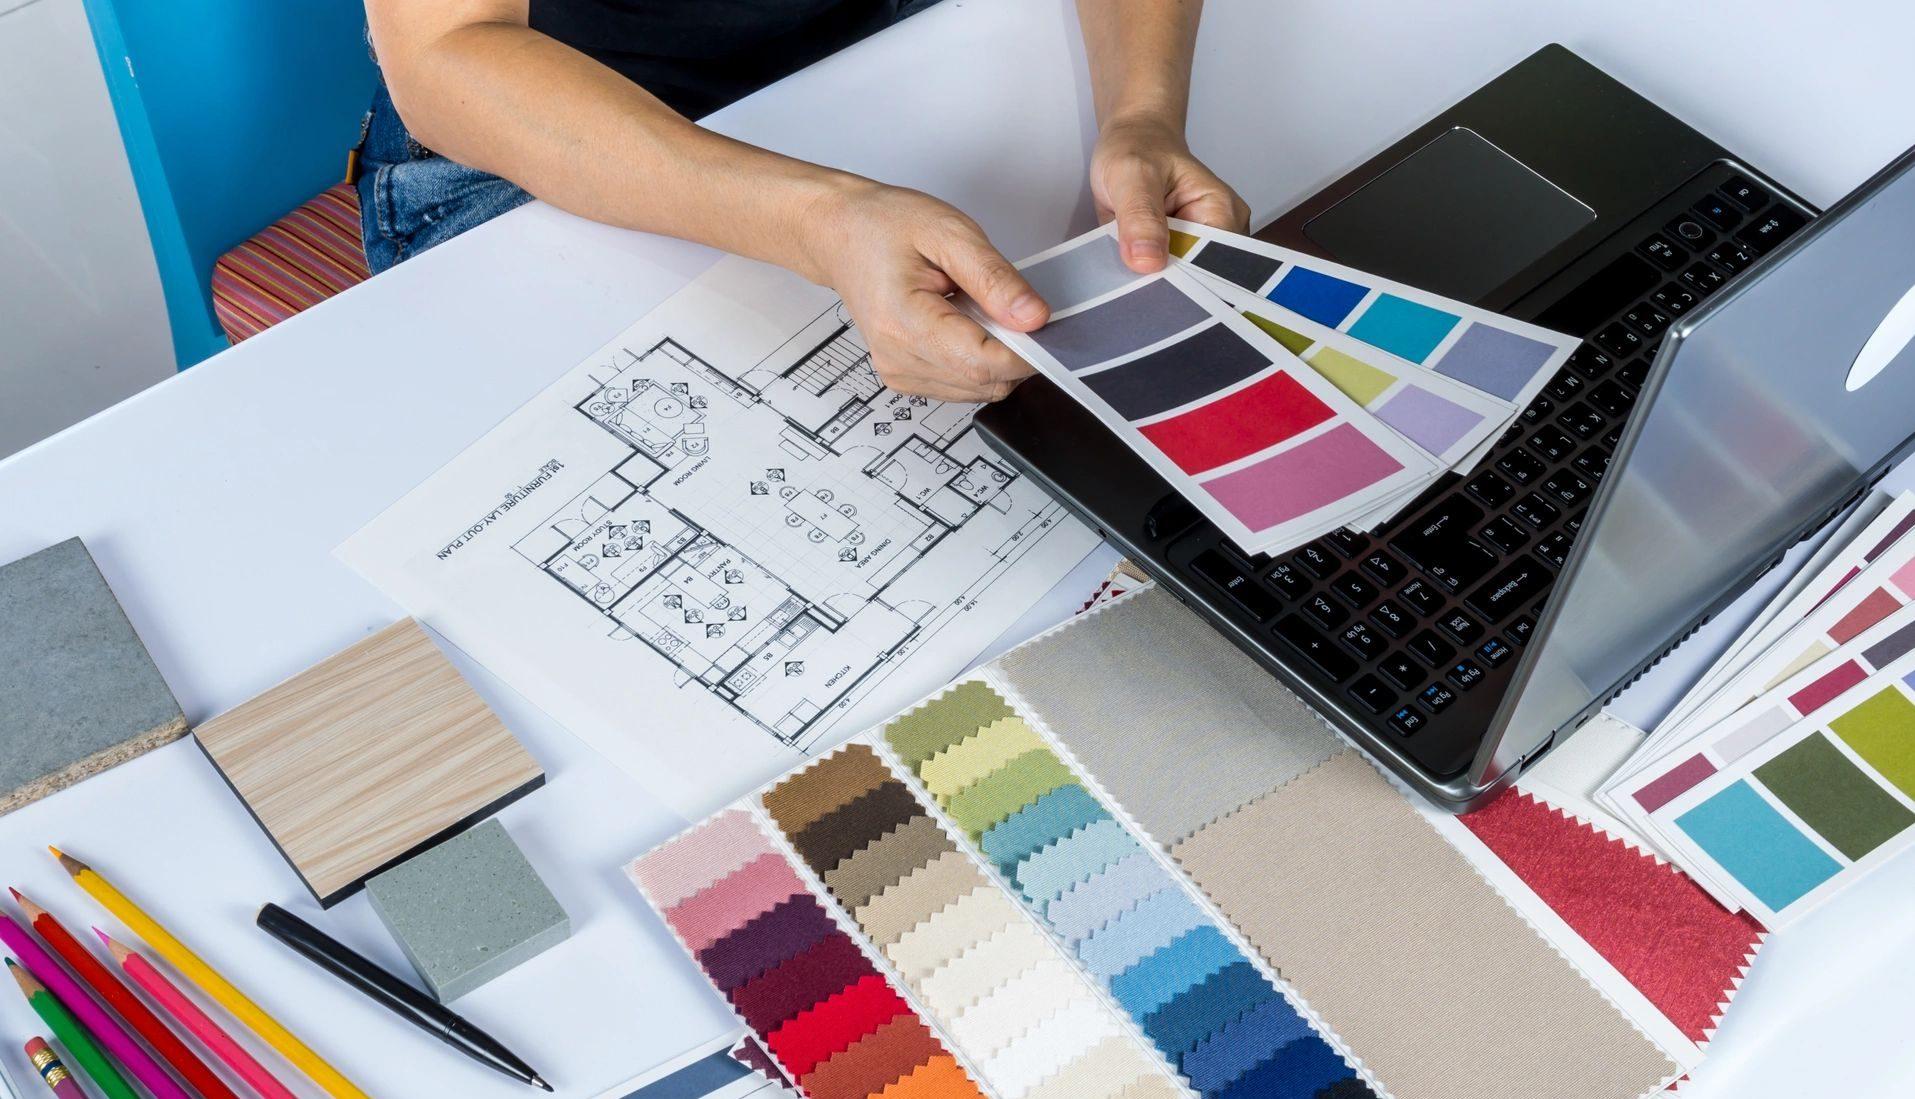 профессия дизайнер картинки